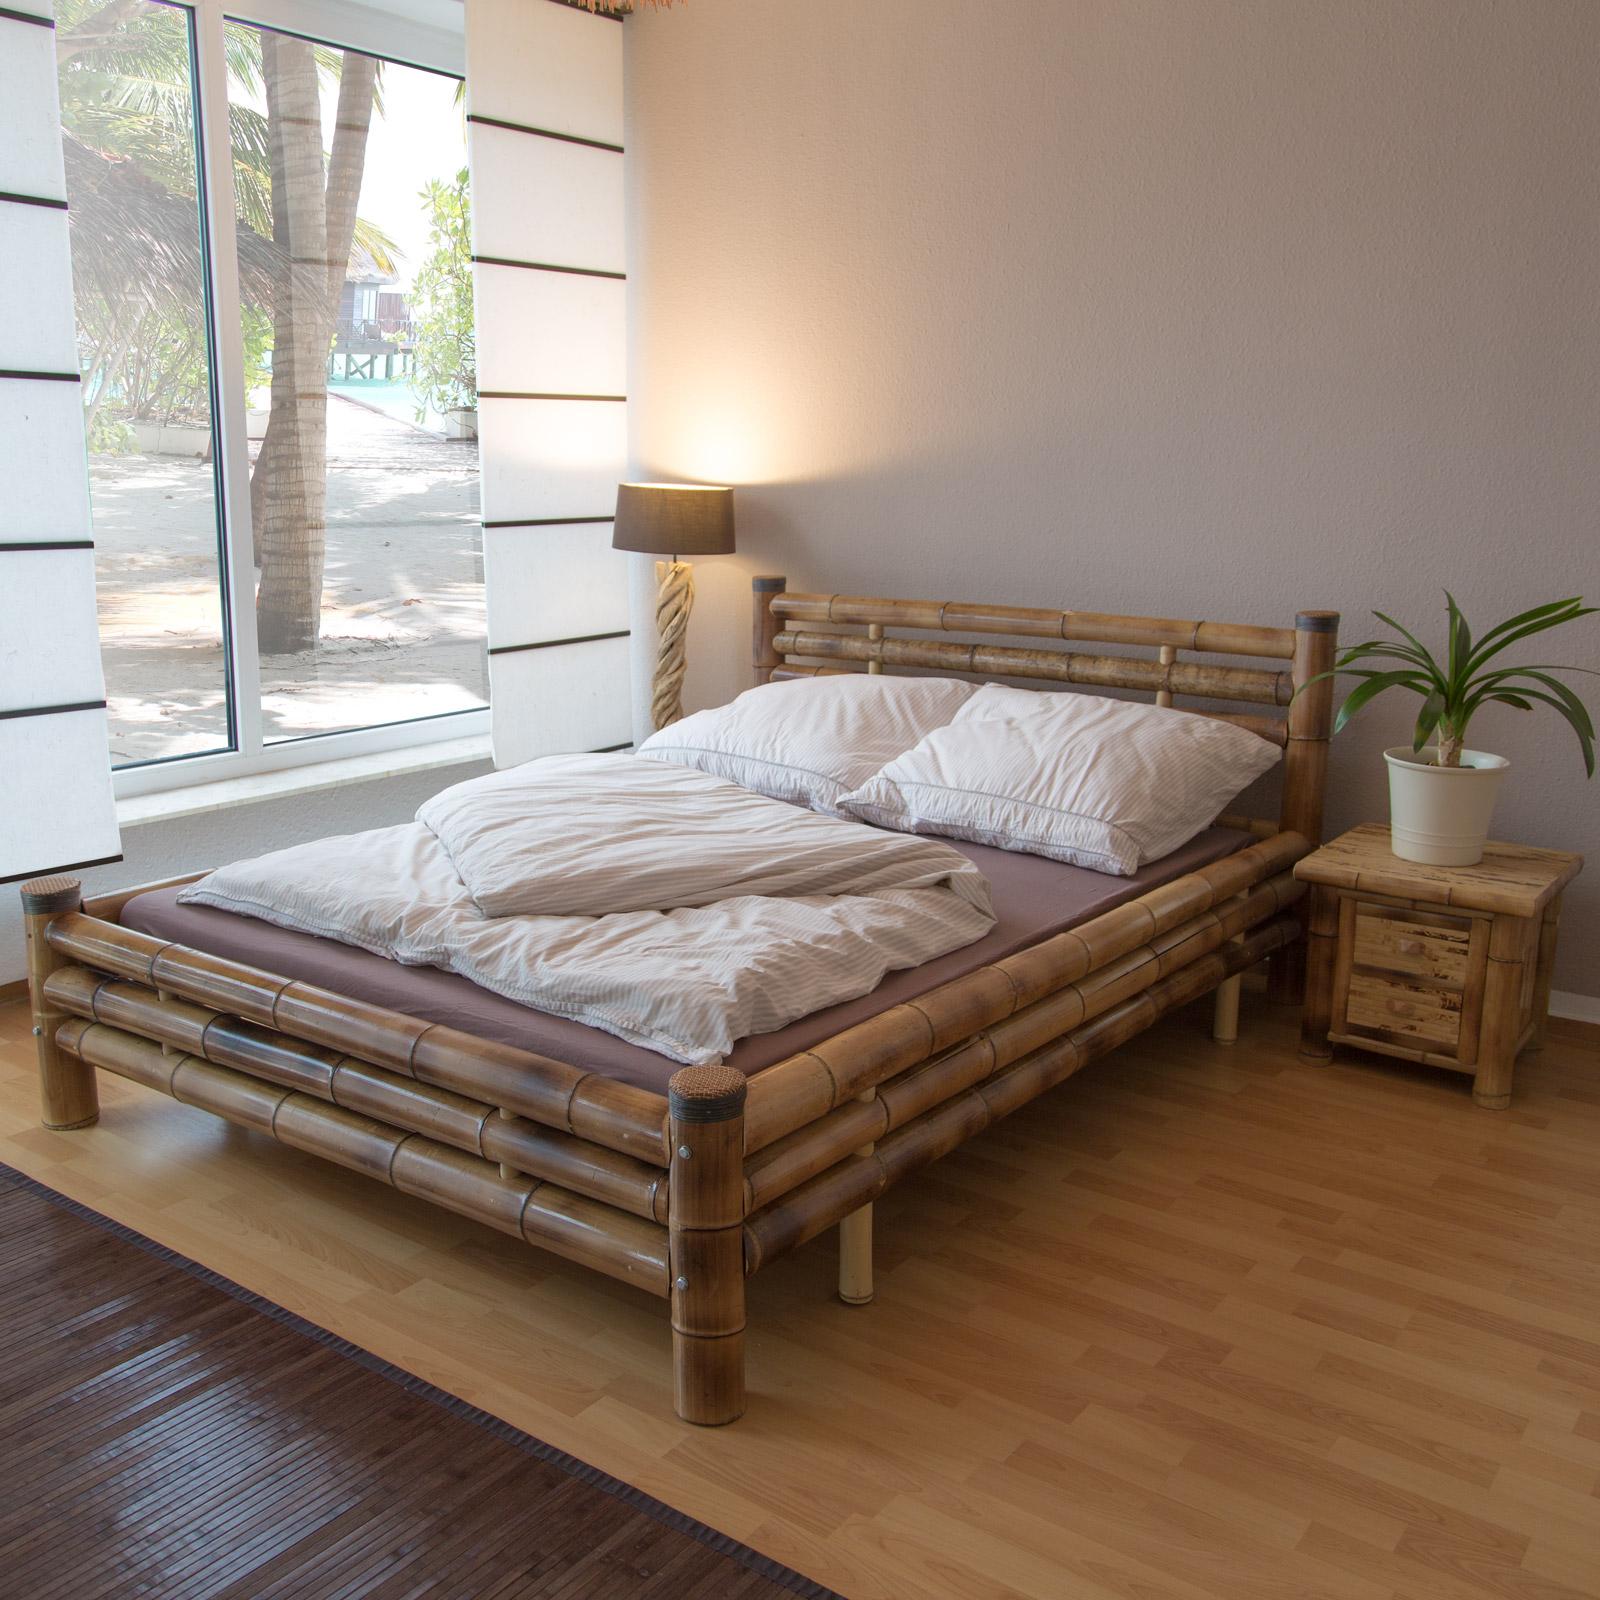 bambusbett bambus bett 140 x 200 braun massiv doppelbett. Black Bedroom Furniture Sets. Home Design Ideas